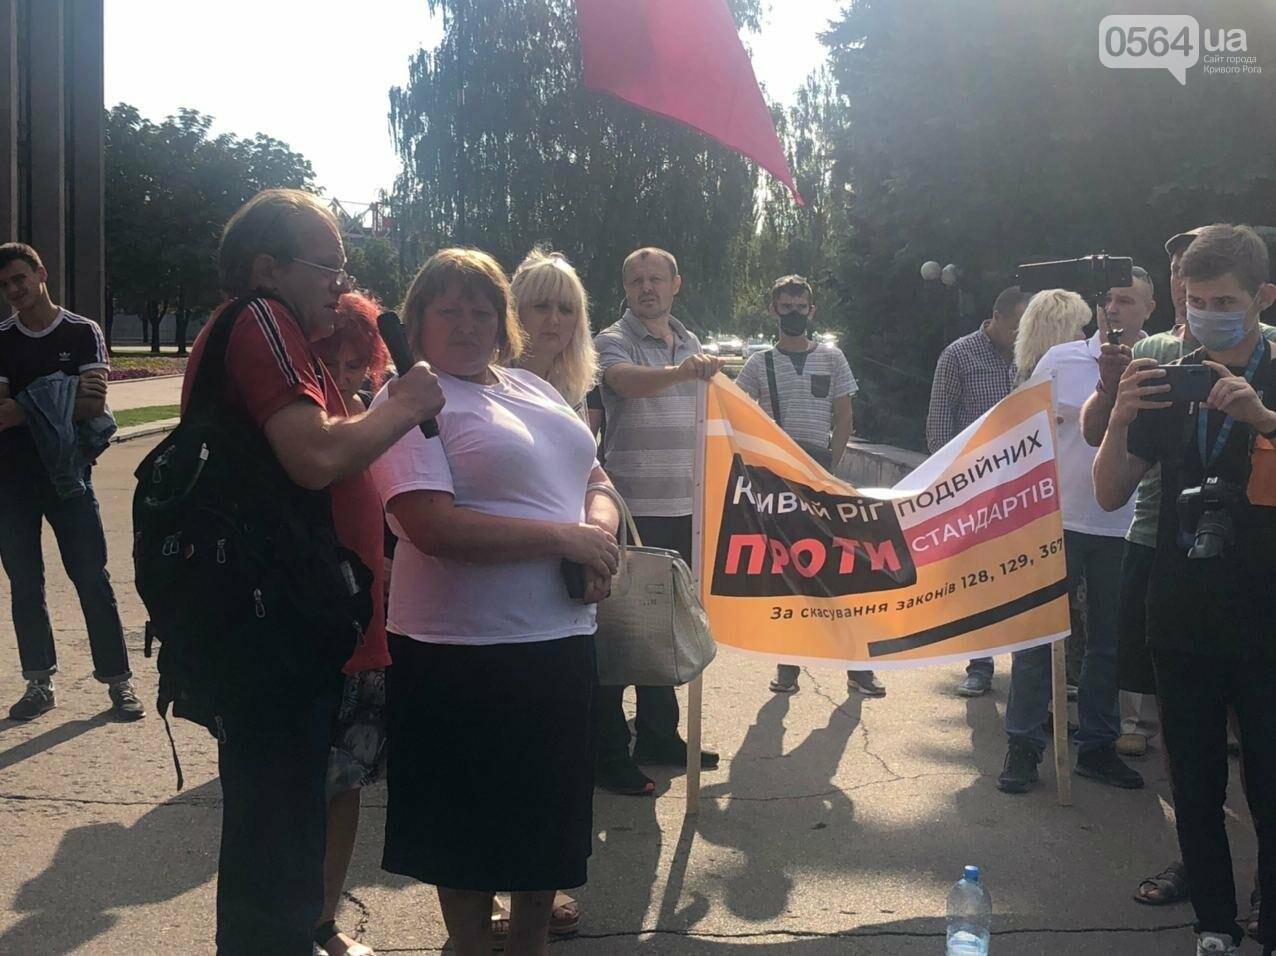 Криворожские предприниматели снова вышли на акцию, - ФОТО, фото-7